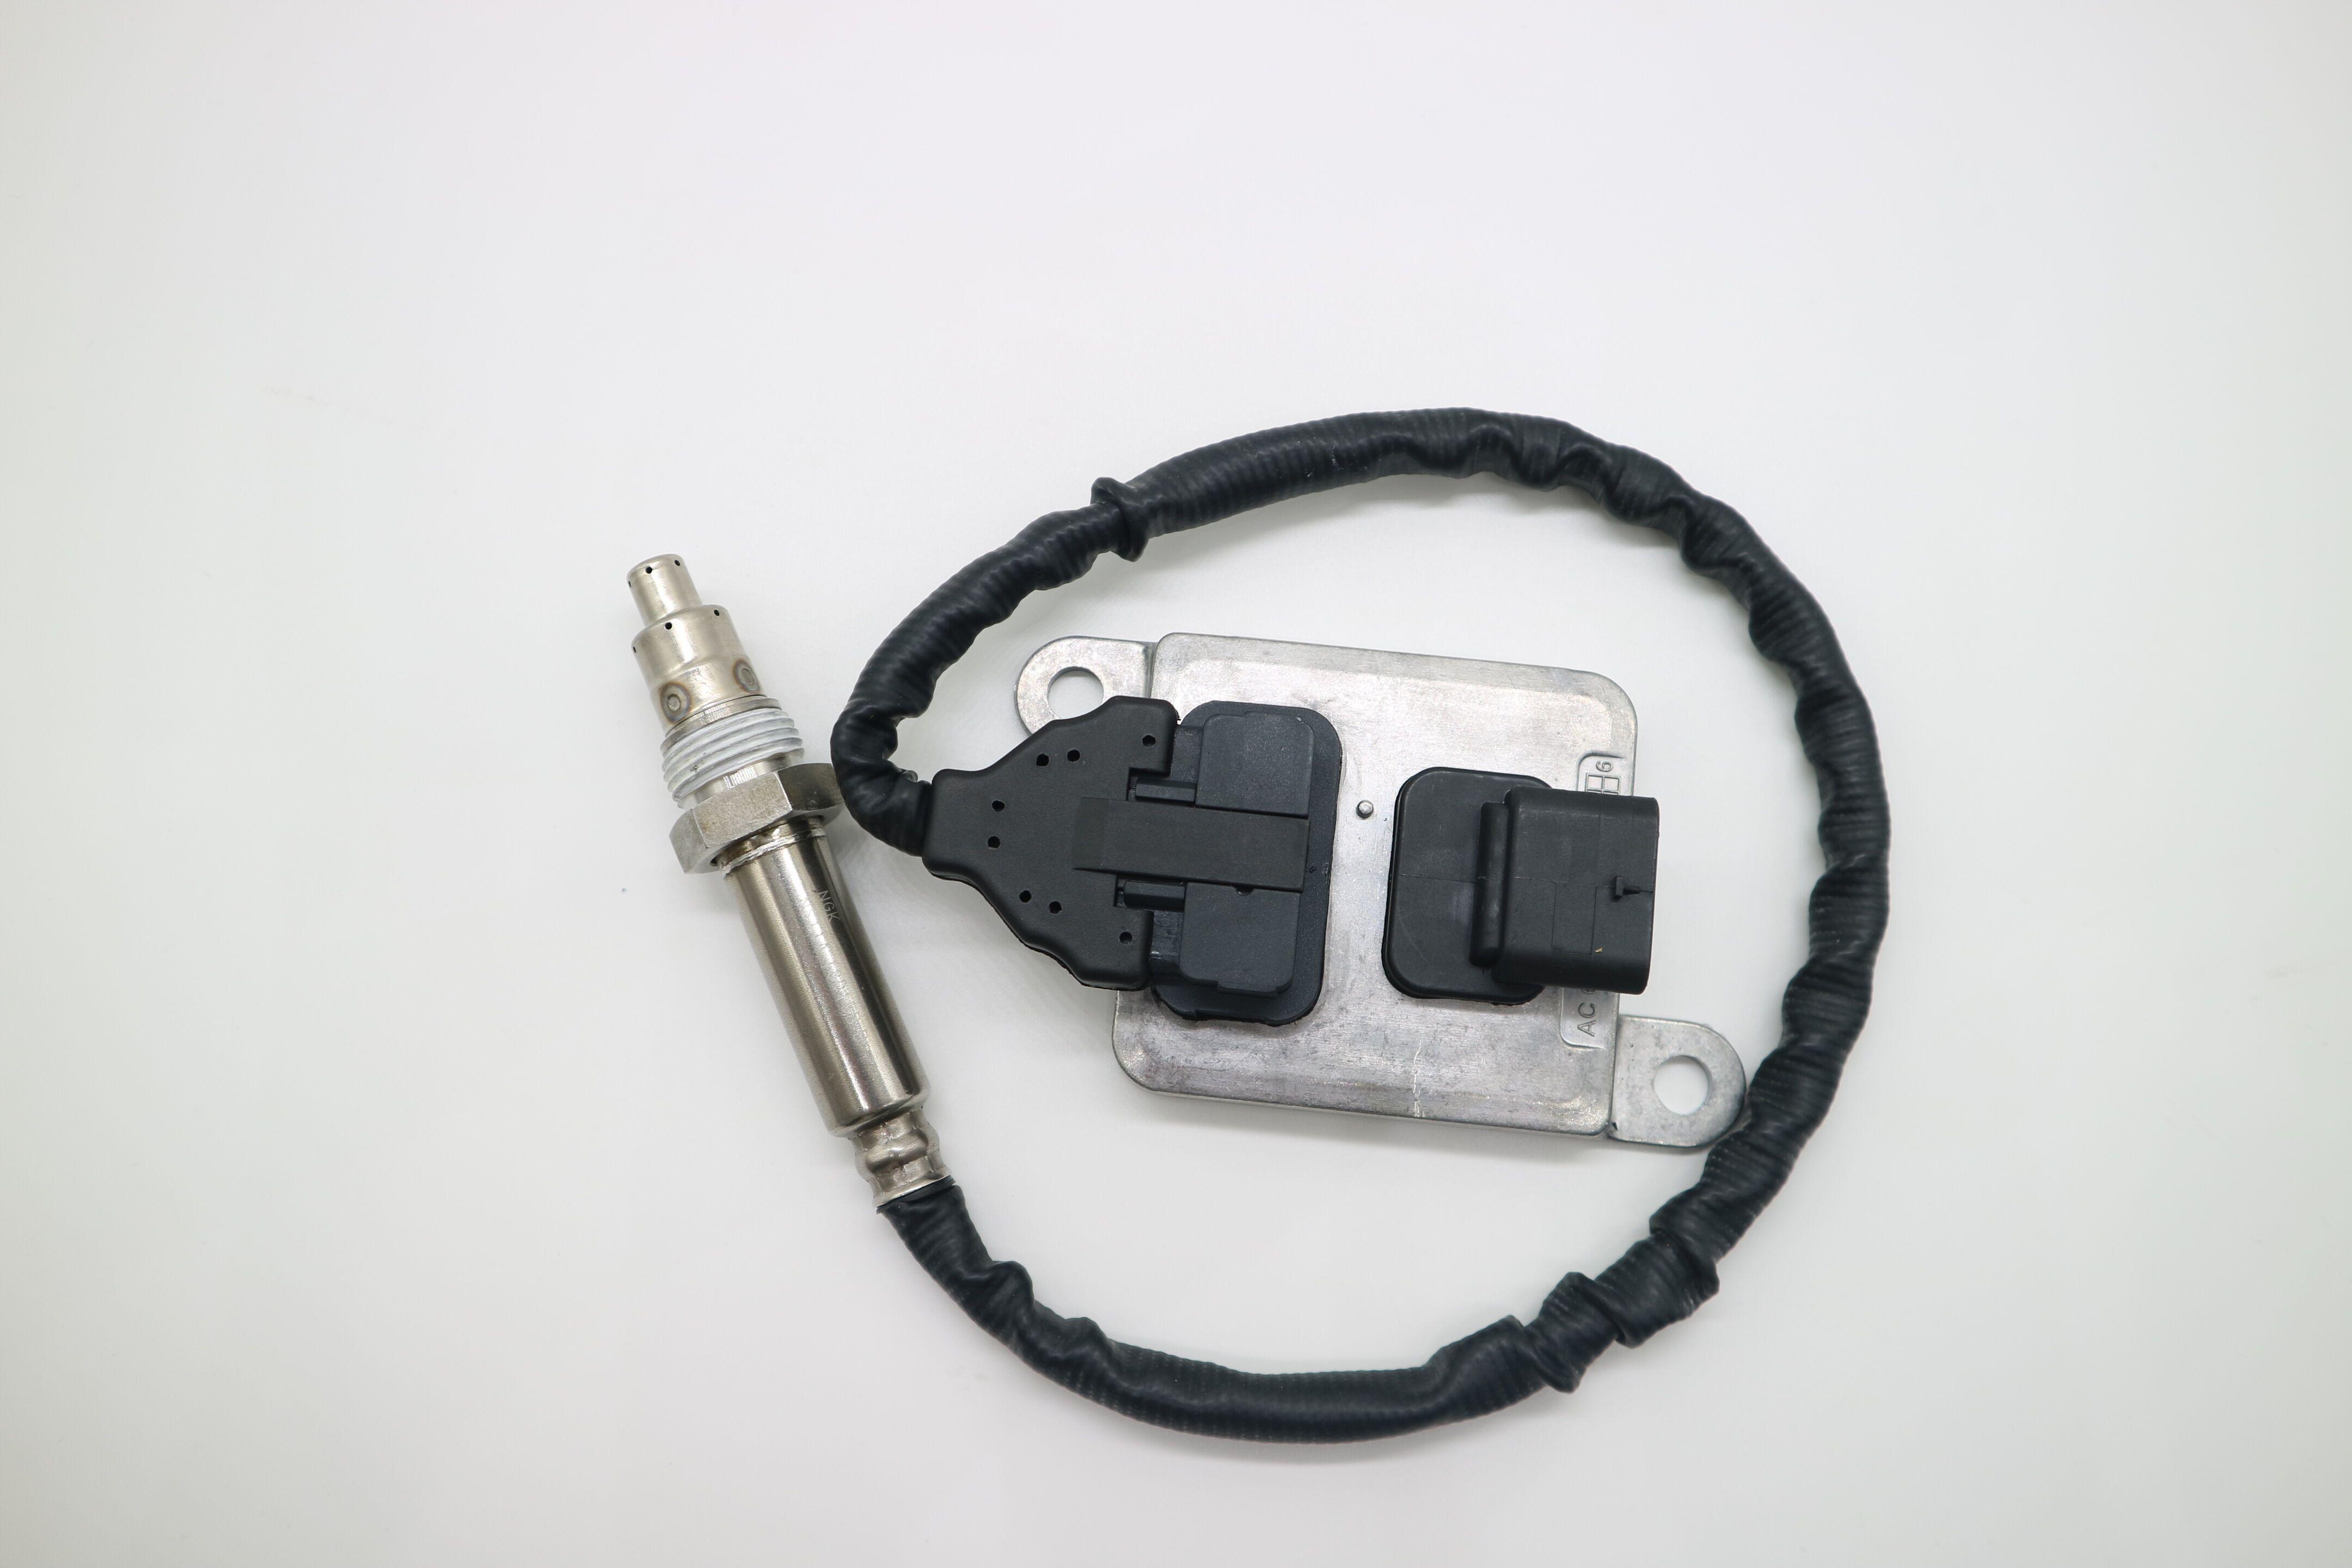 Nox senor nitrogen oxygen sensor a0101539428 / 001 5wk96363 for mer-cedes-benz